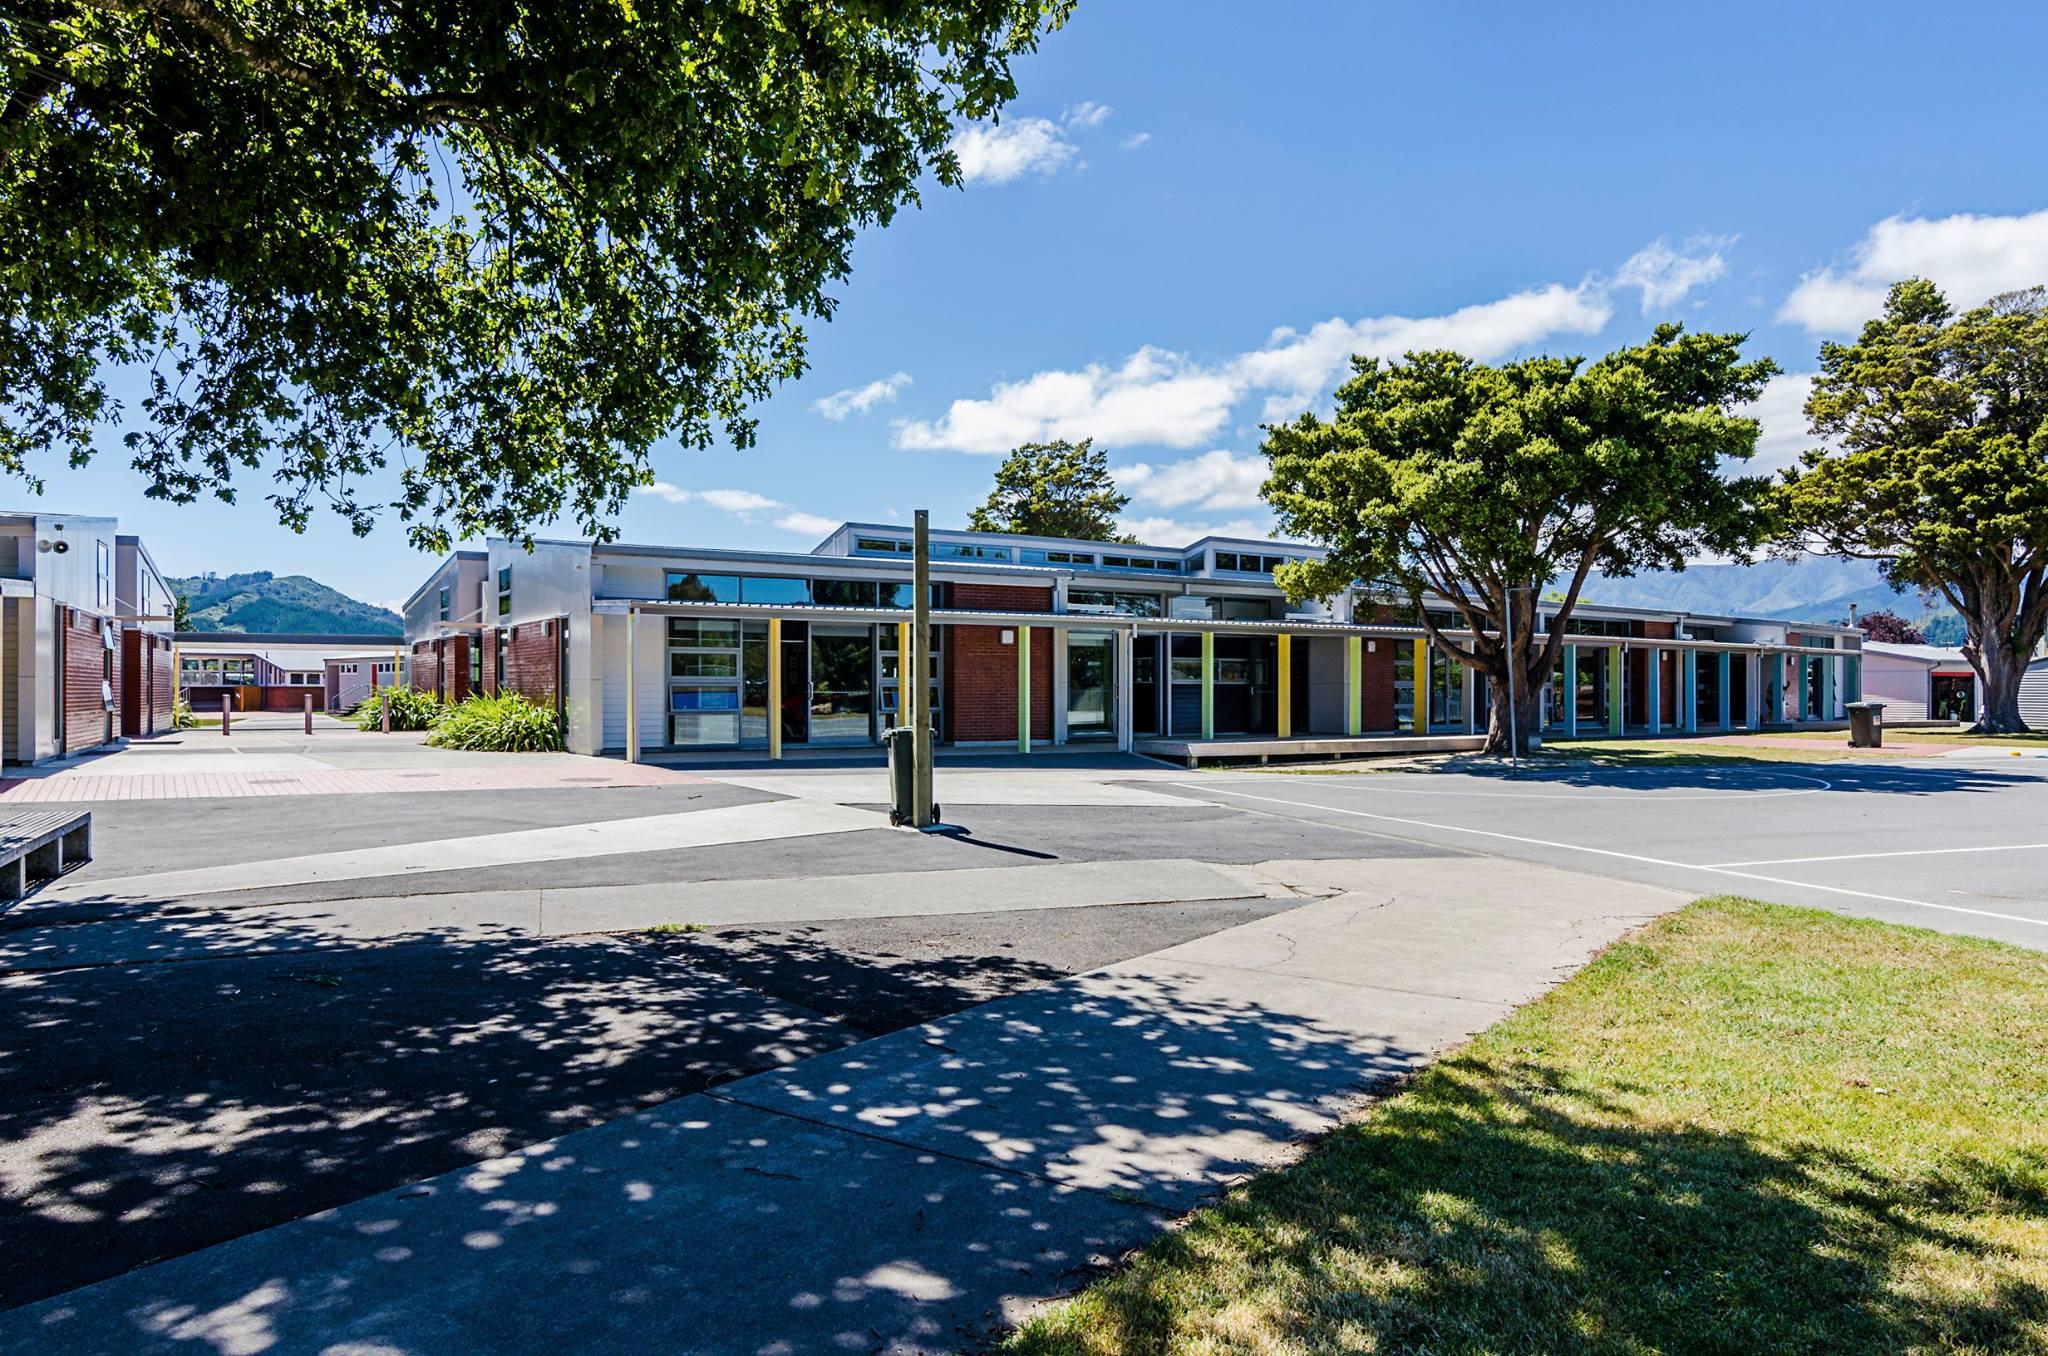 Fergusson Intermediate School Landscape